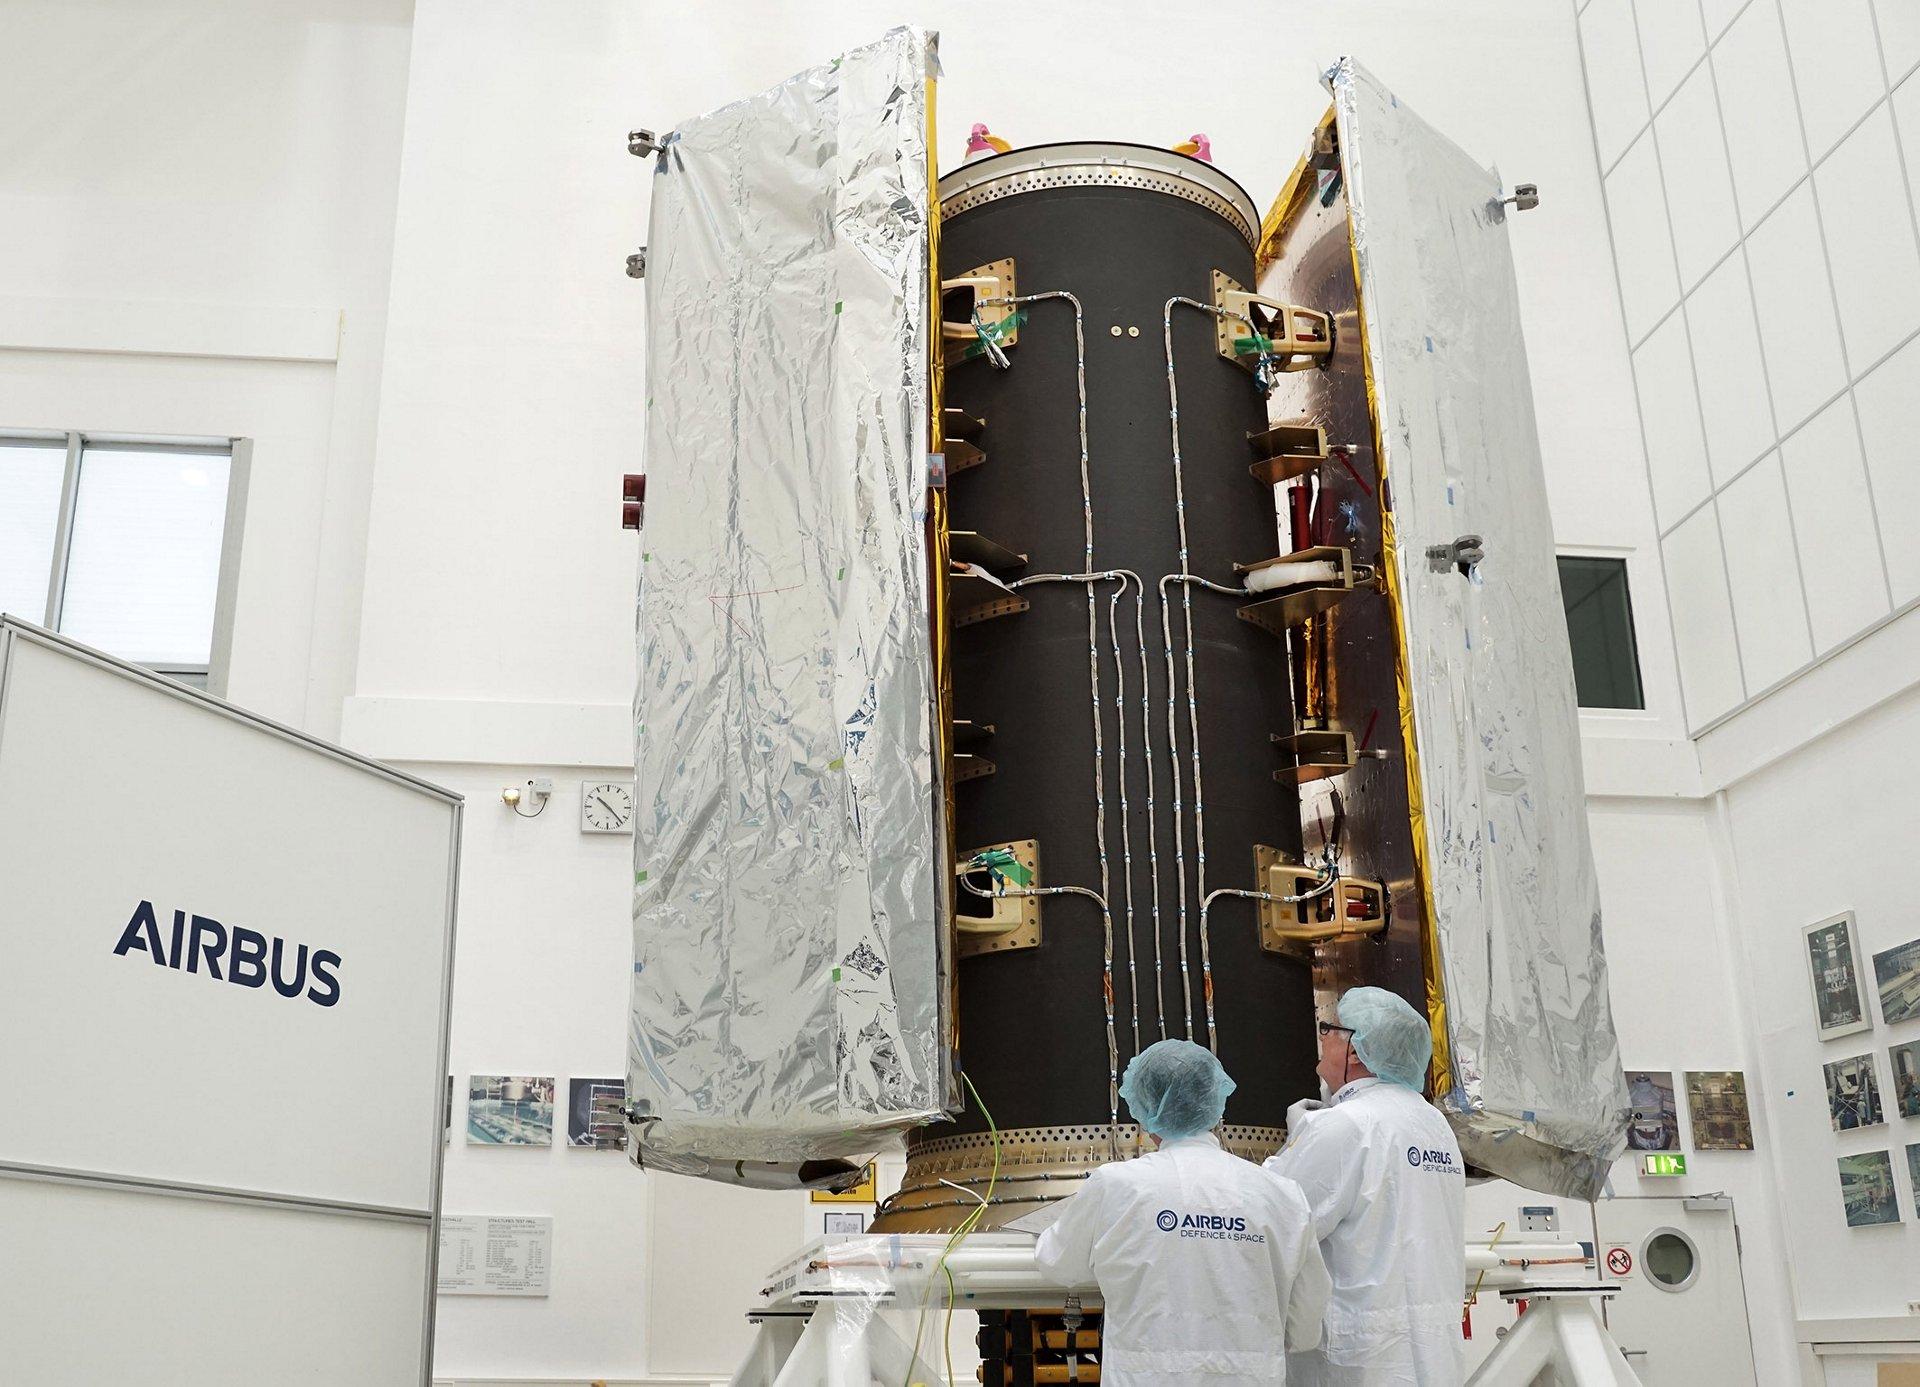 GRACE-FO satellites' dispenser under testing